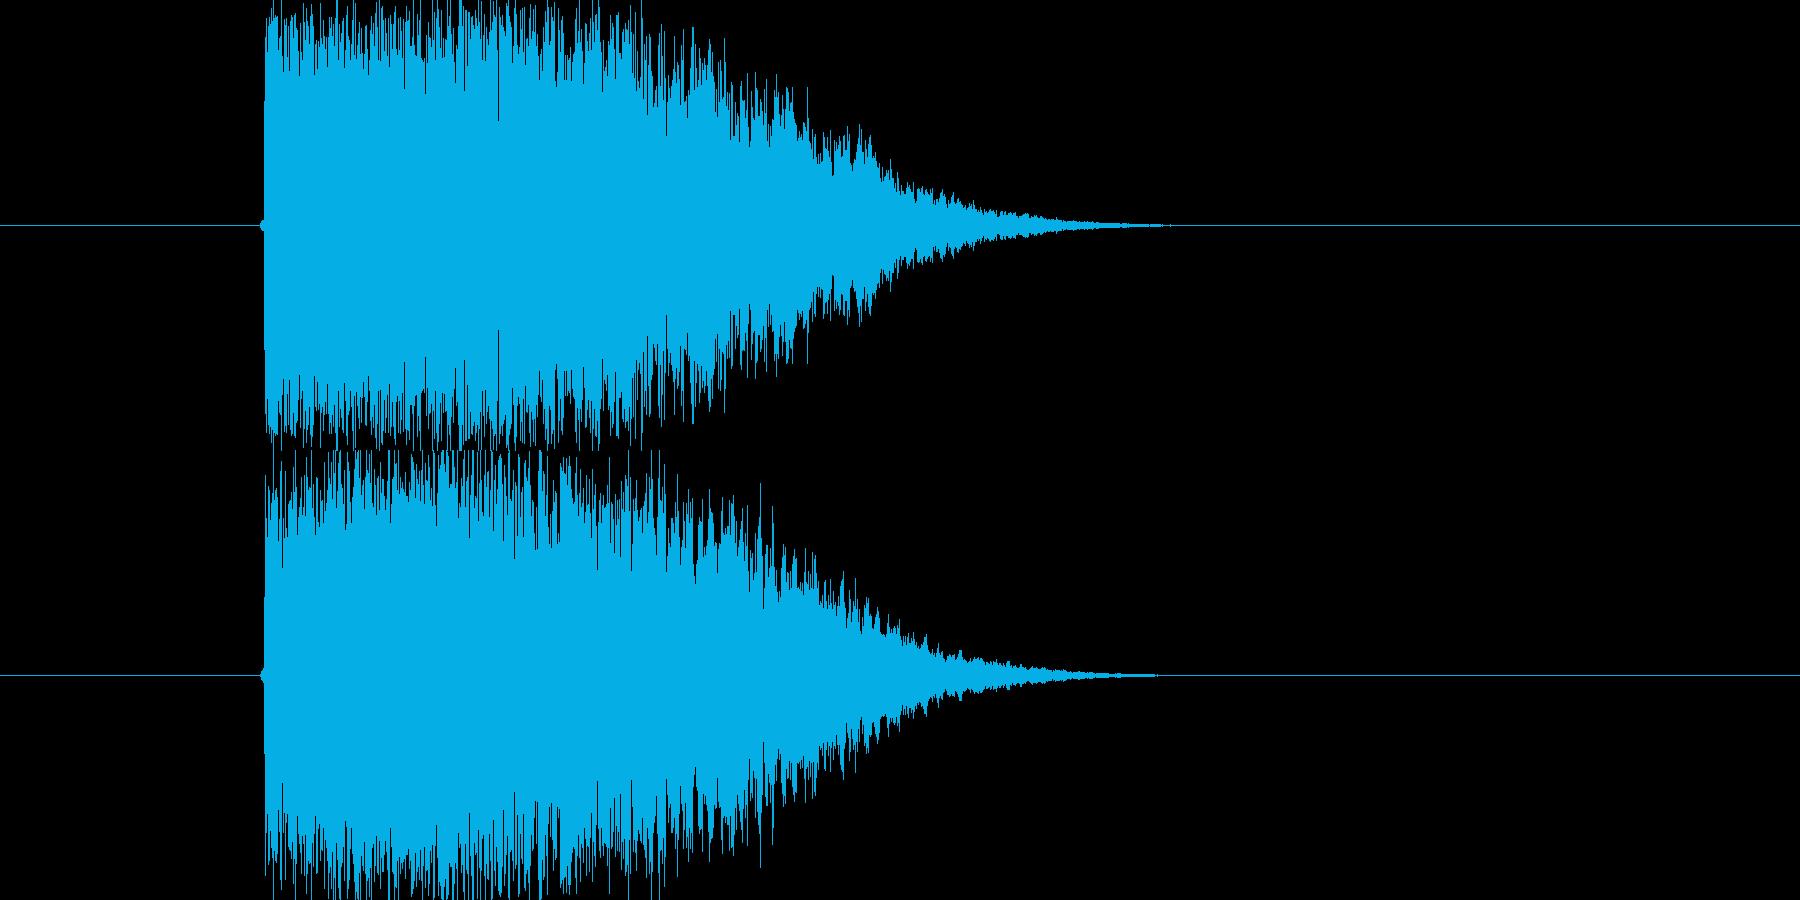 金属系のかためなインパクトSEです。ロ…の再生済みの波形